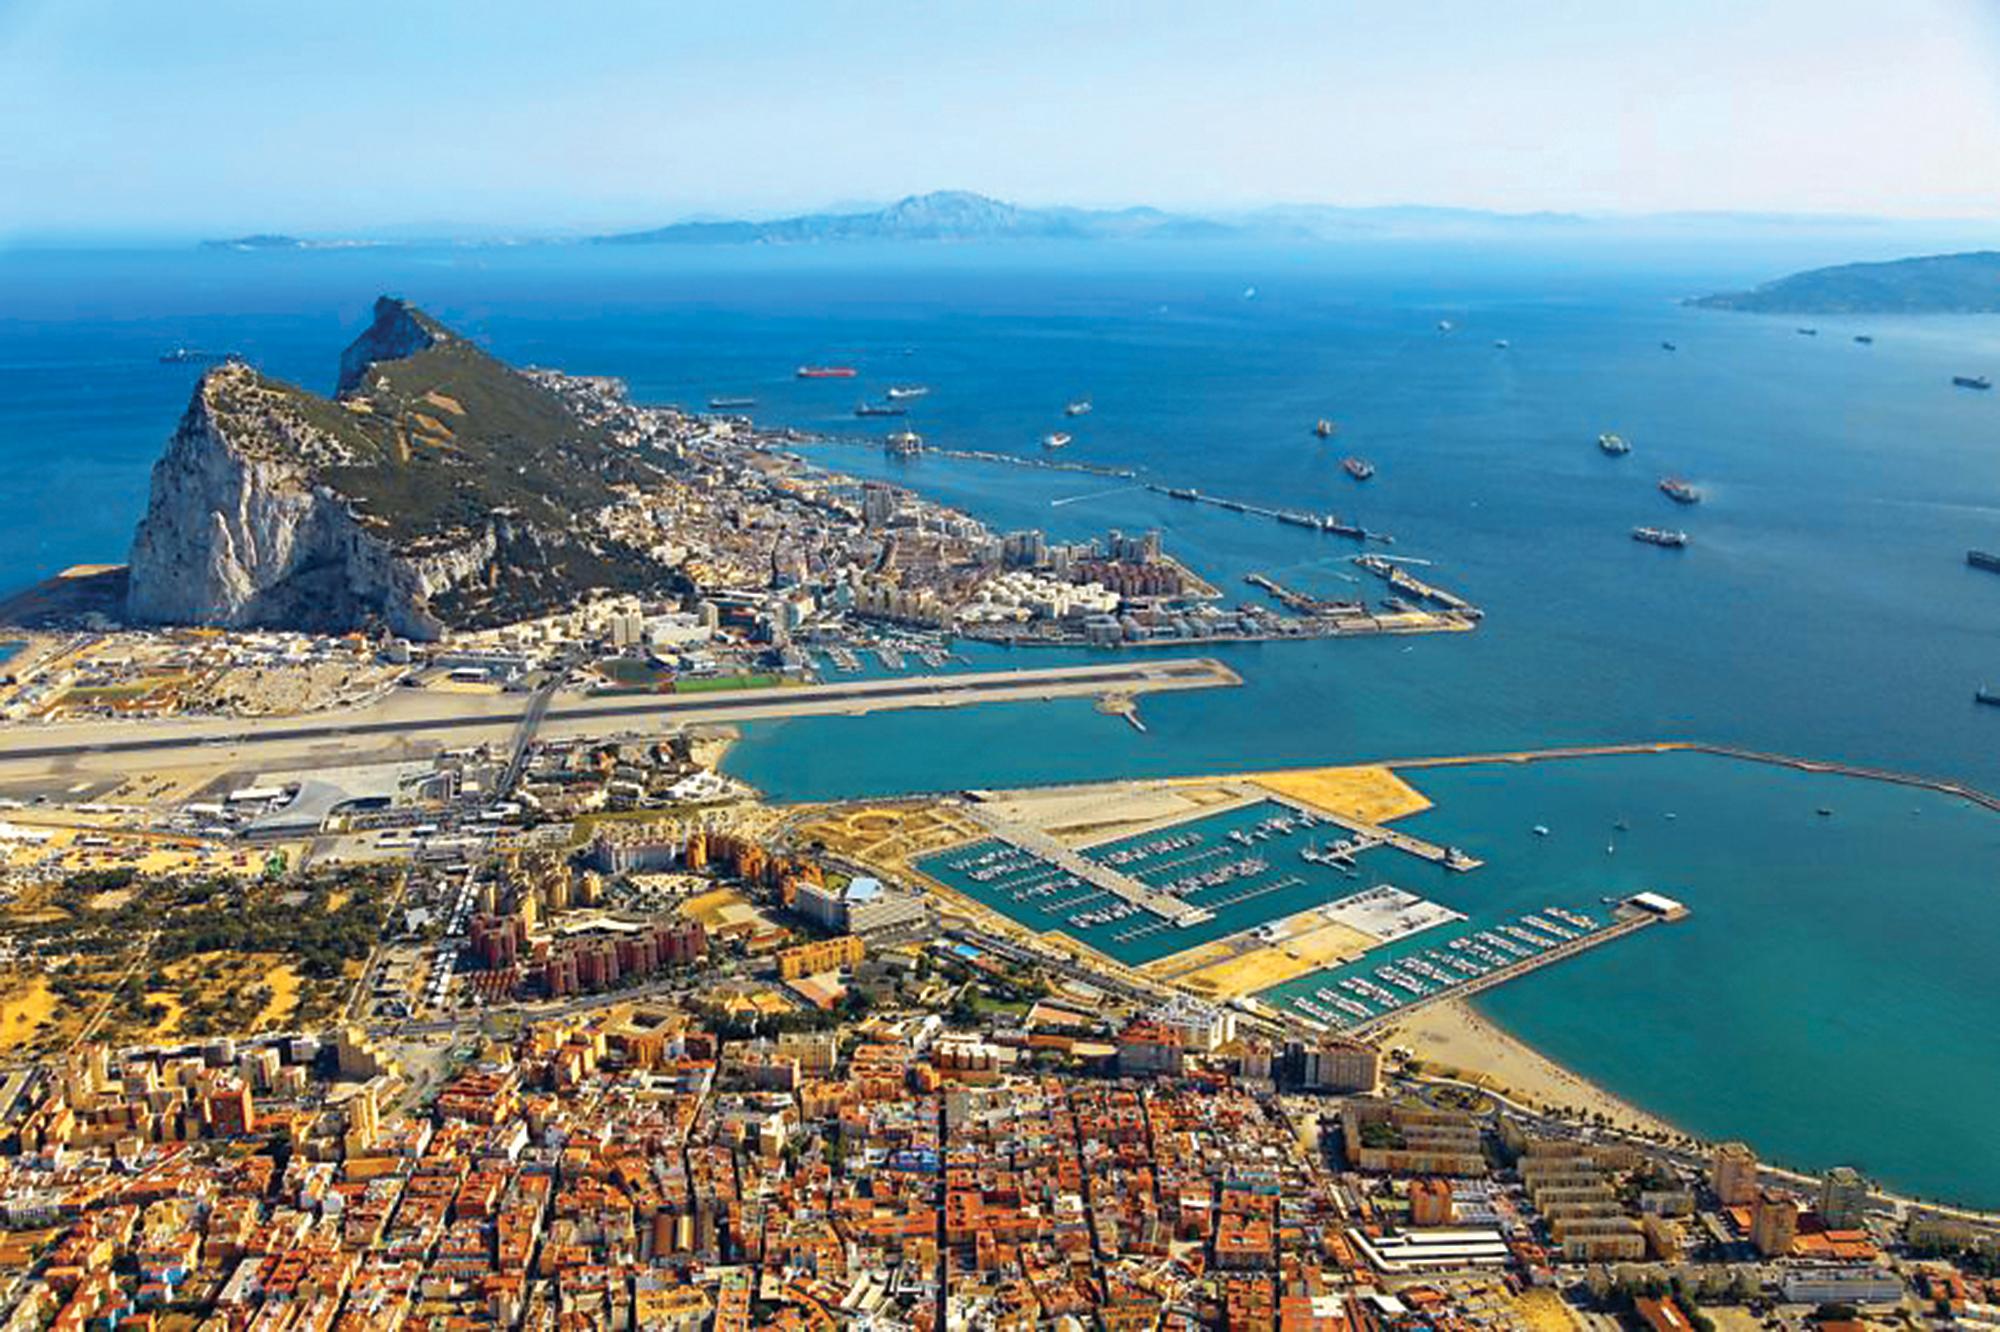 Скеля Гібралтар. Під нею – злітна смуга, через яку проходить автомобільна дорога. На задньому плані – Марокко, Африка